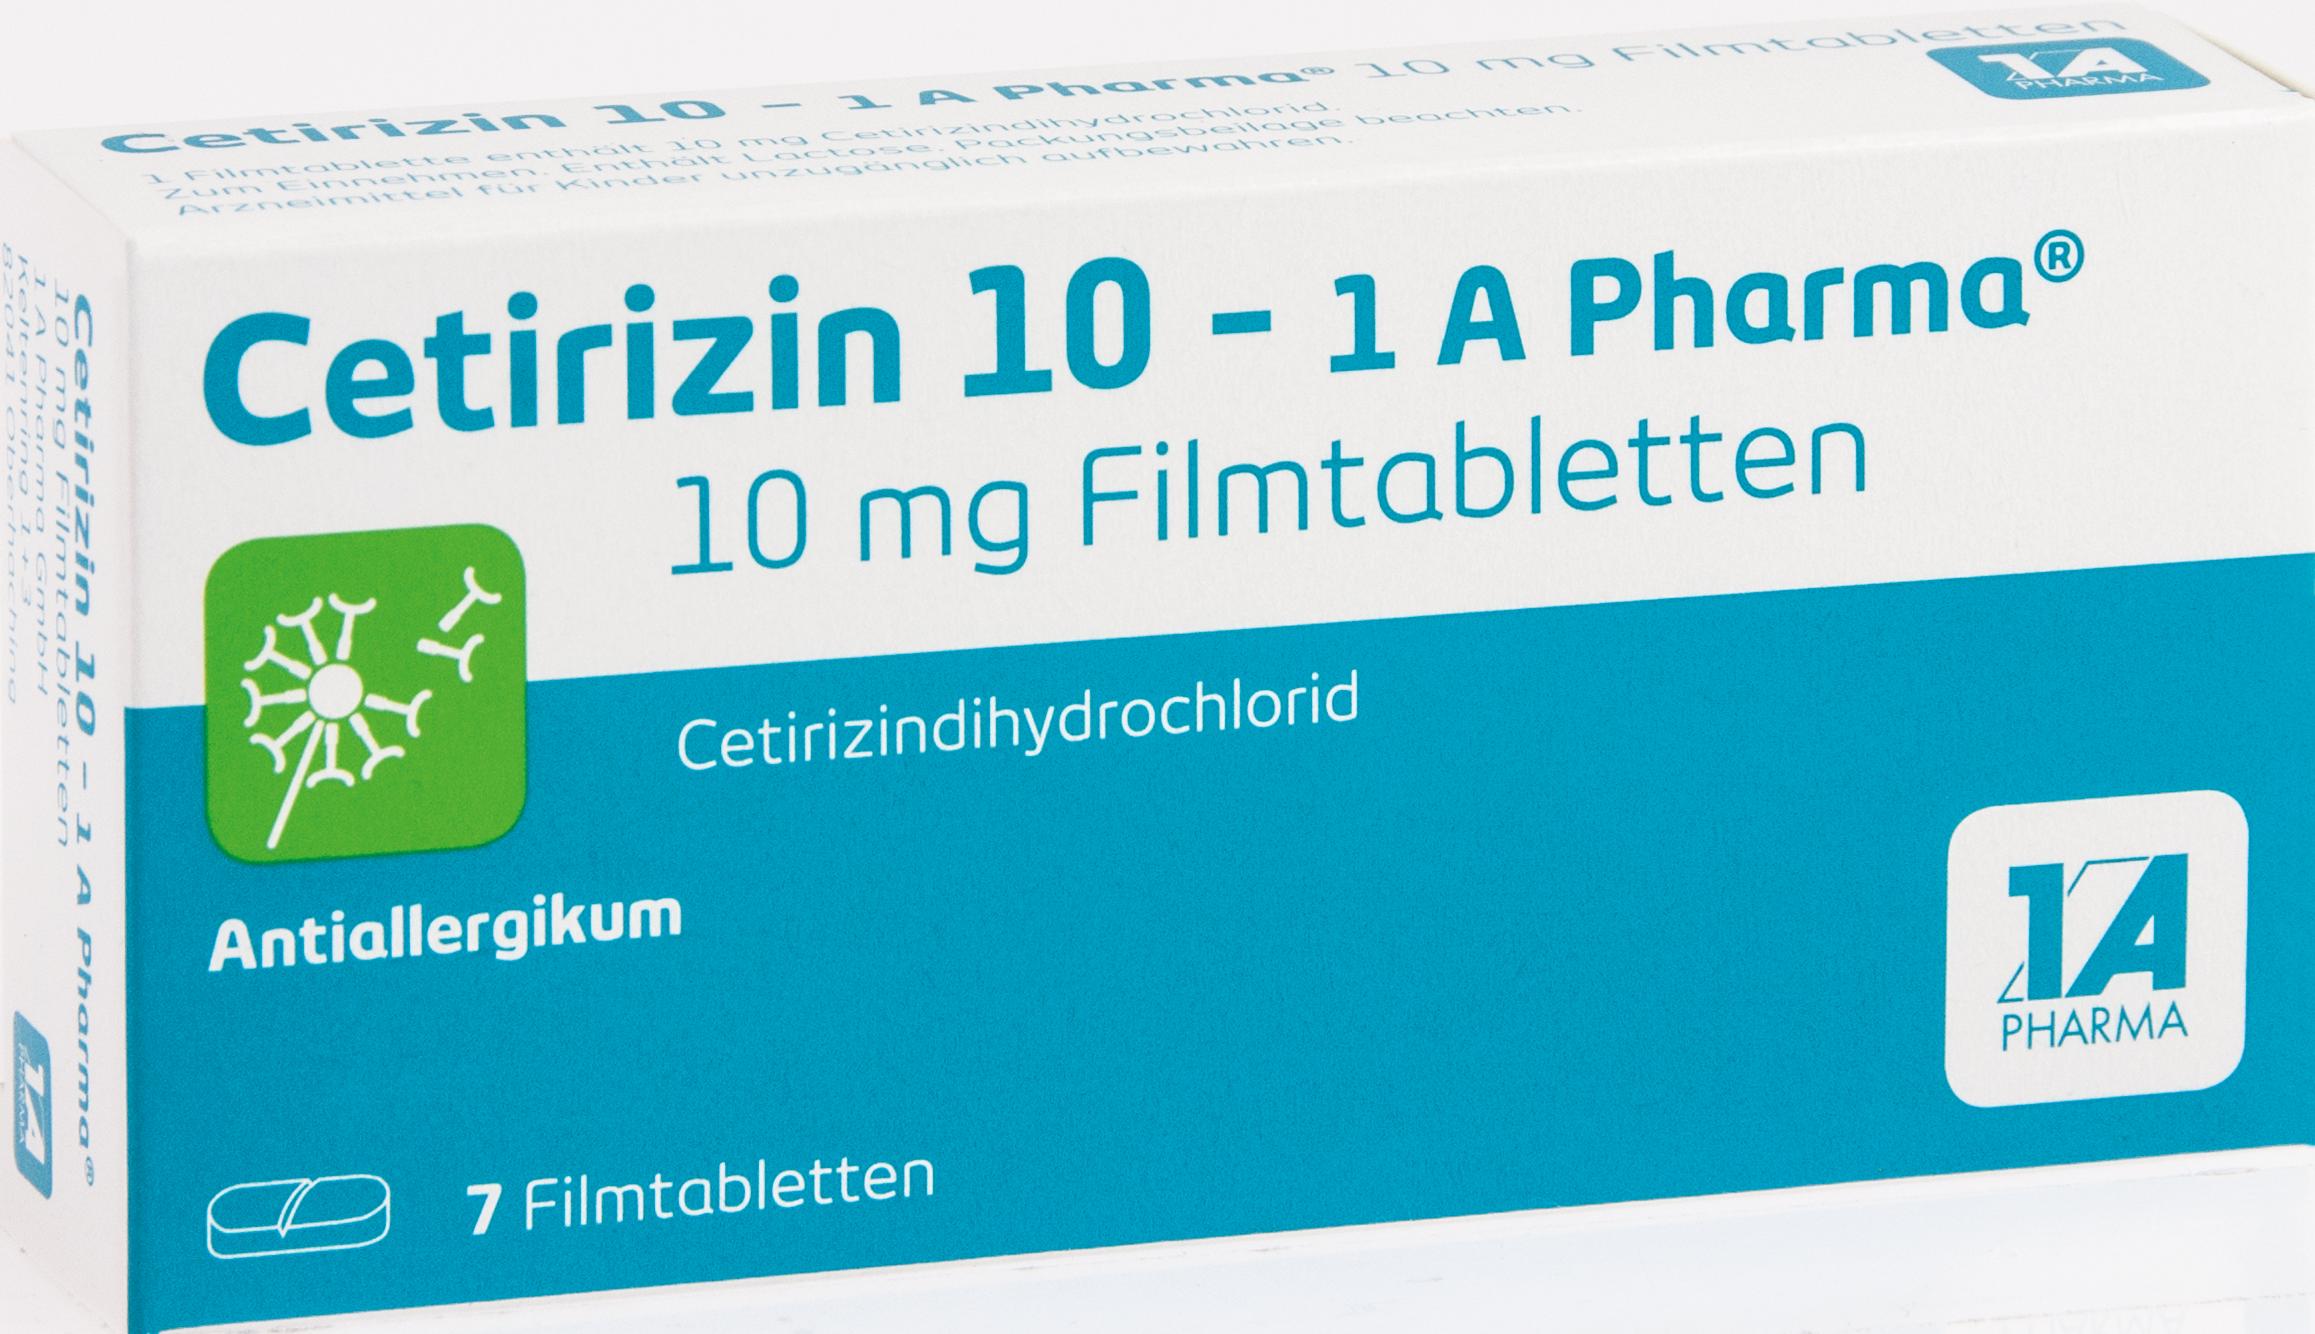 Cetirizin 10 - 1 A Pharma